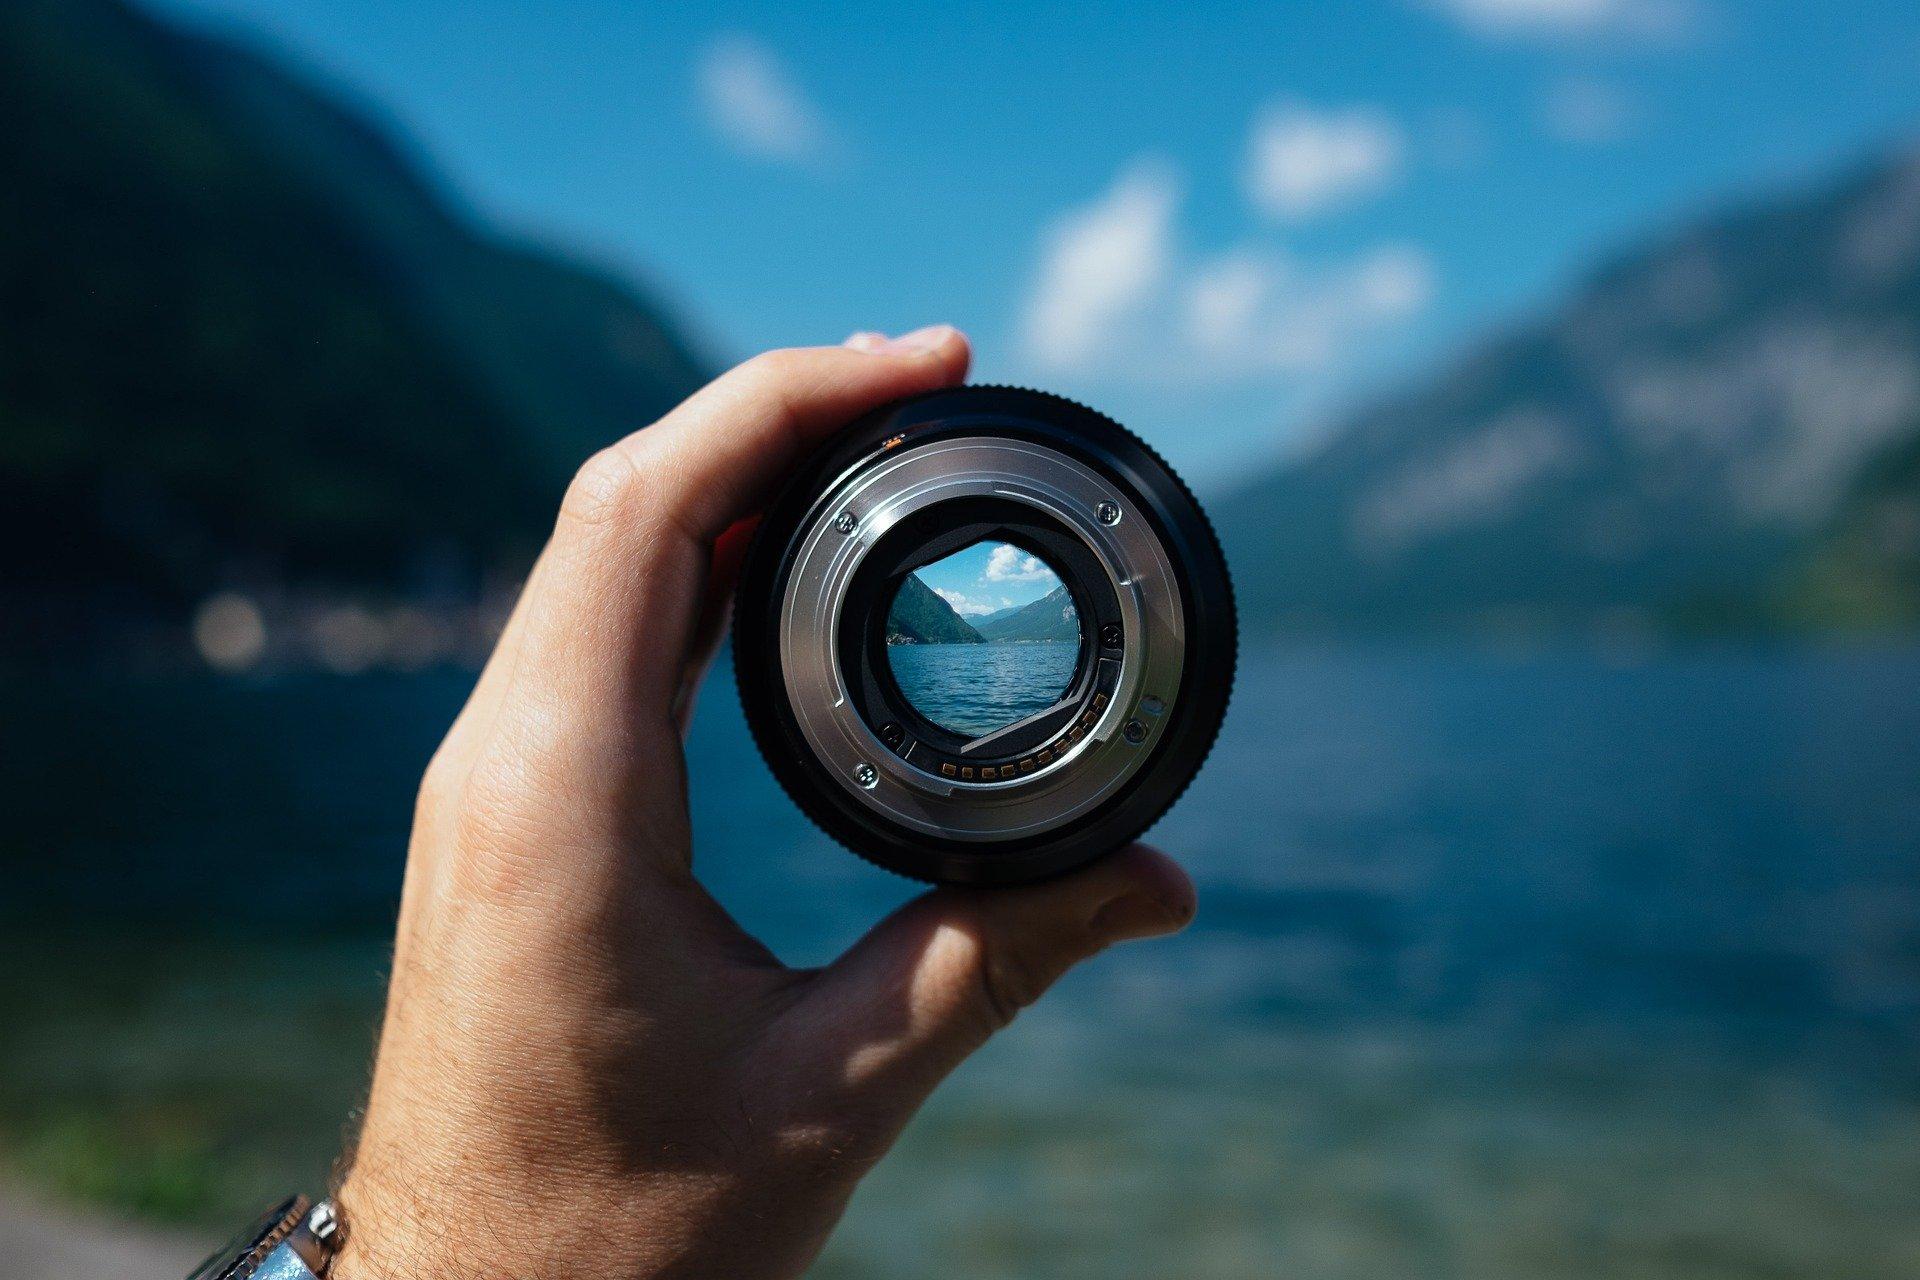 Mano agarrando lente fotográfico contra paisaje de un lago y montañas